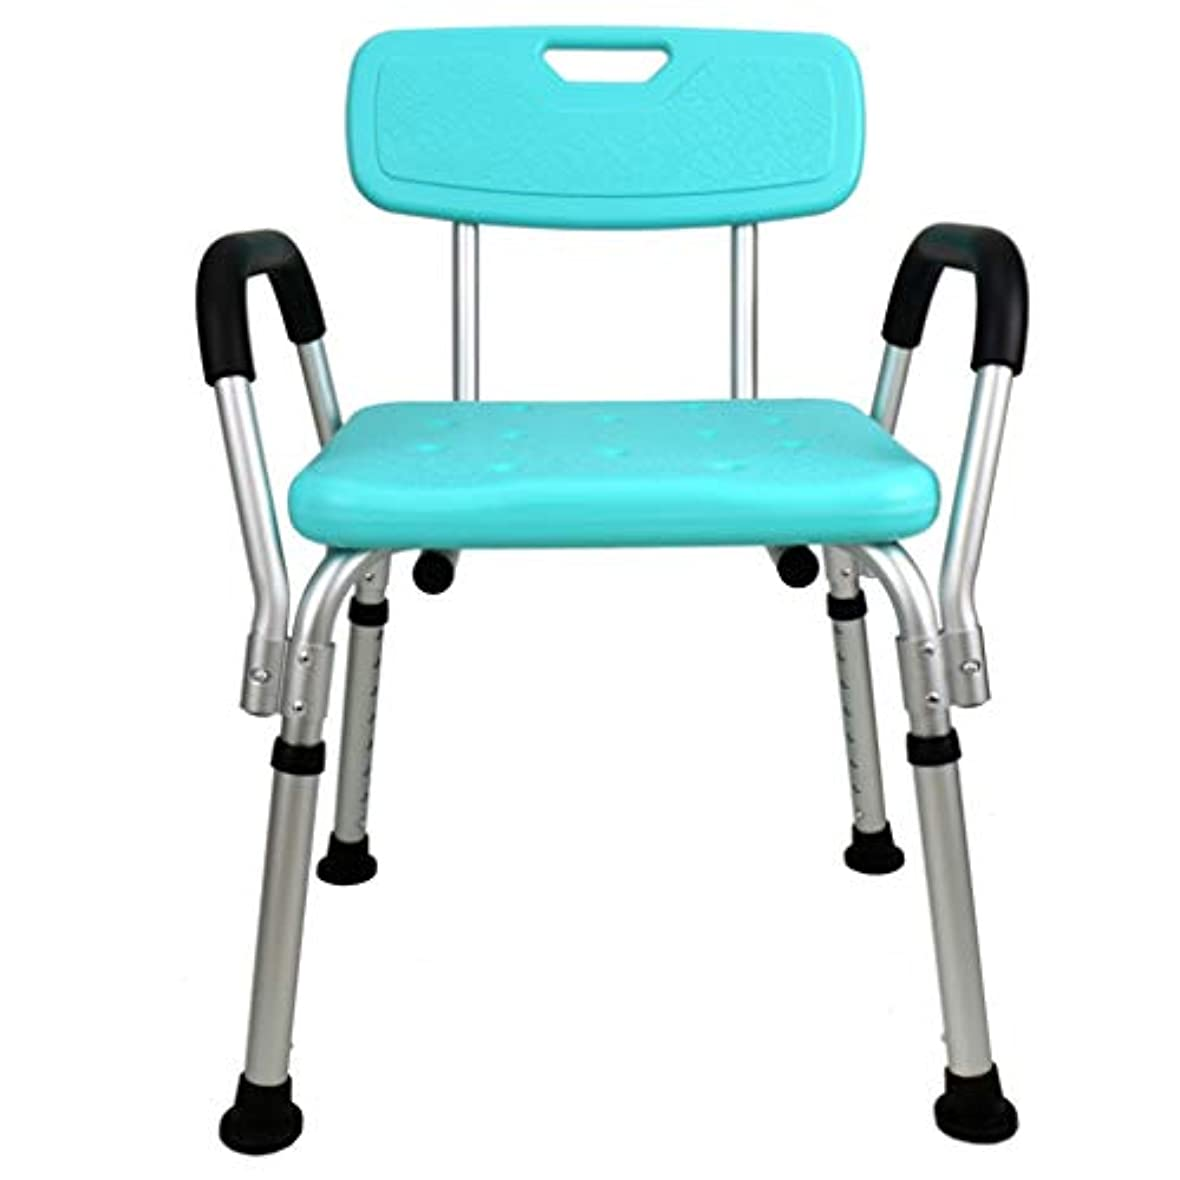 たるみスポーツ昇る調節可能なシャワースツールシート| 滑り止め浴槽の安全性| 背もたれ付きシャワーチェア| 医療用入浴ツール